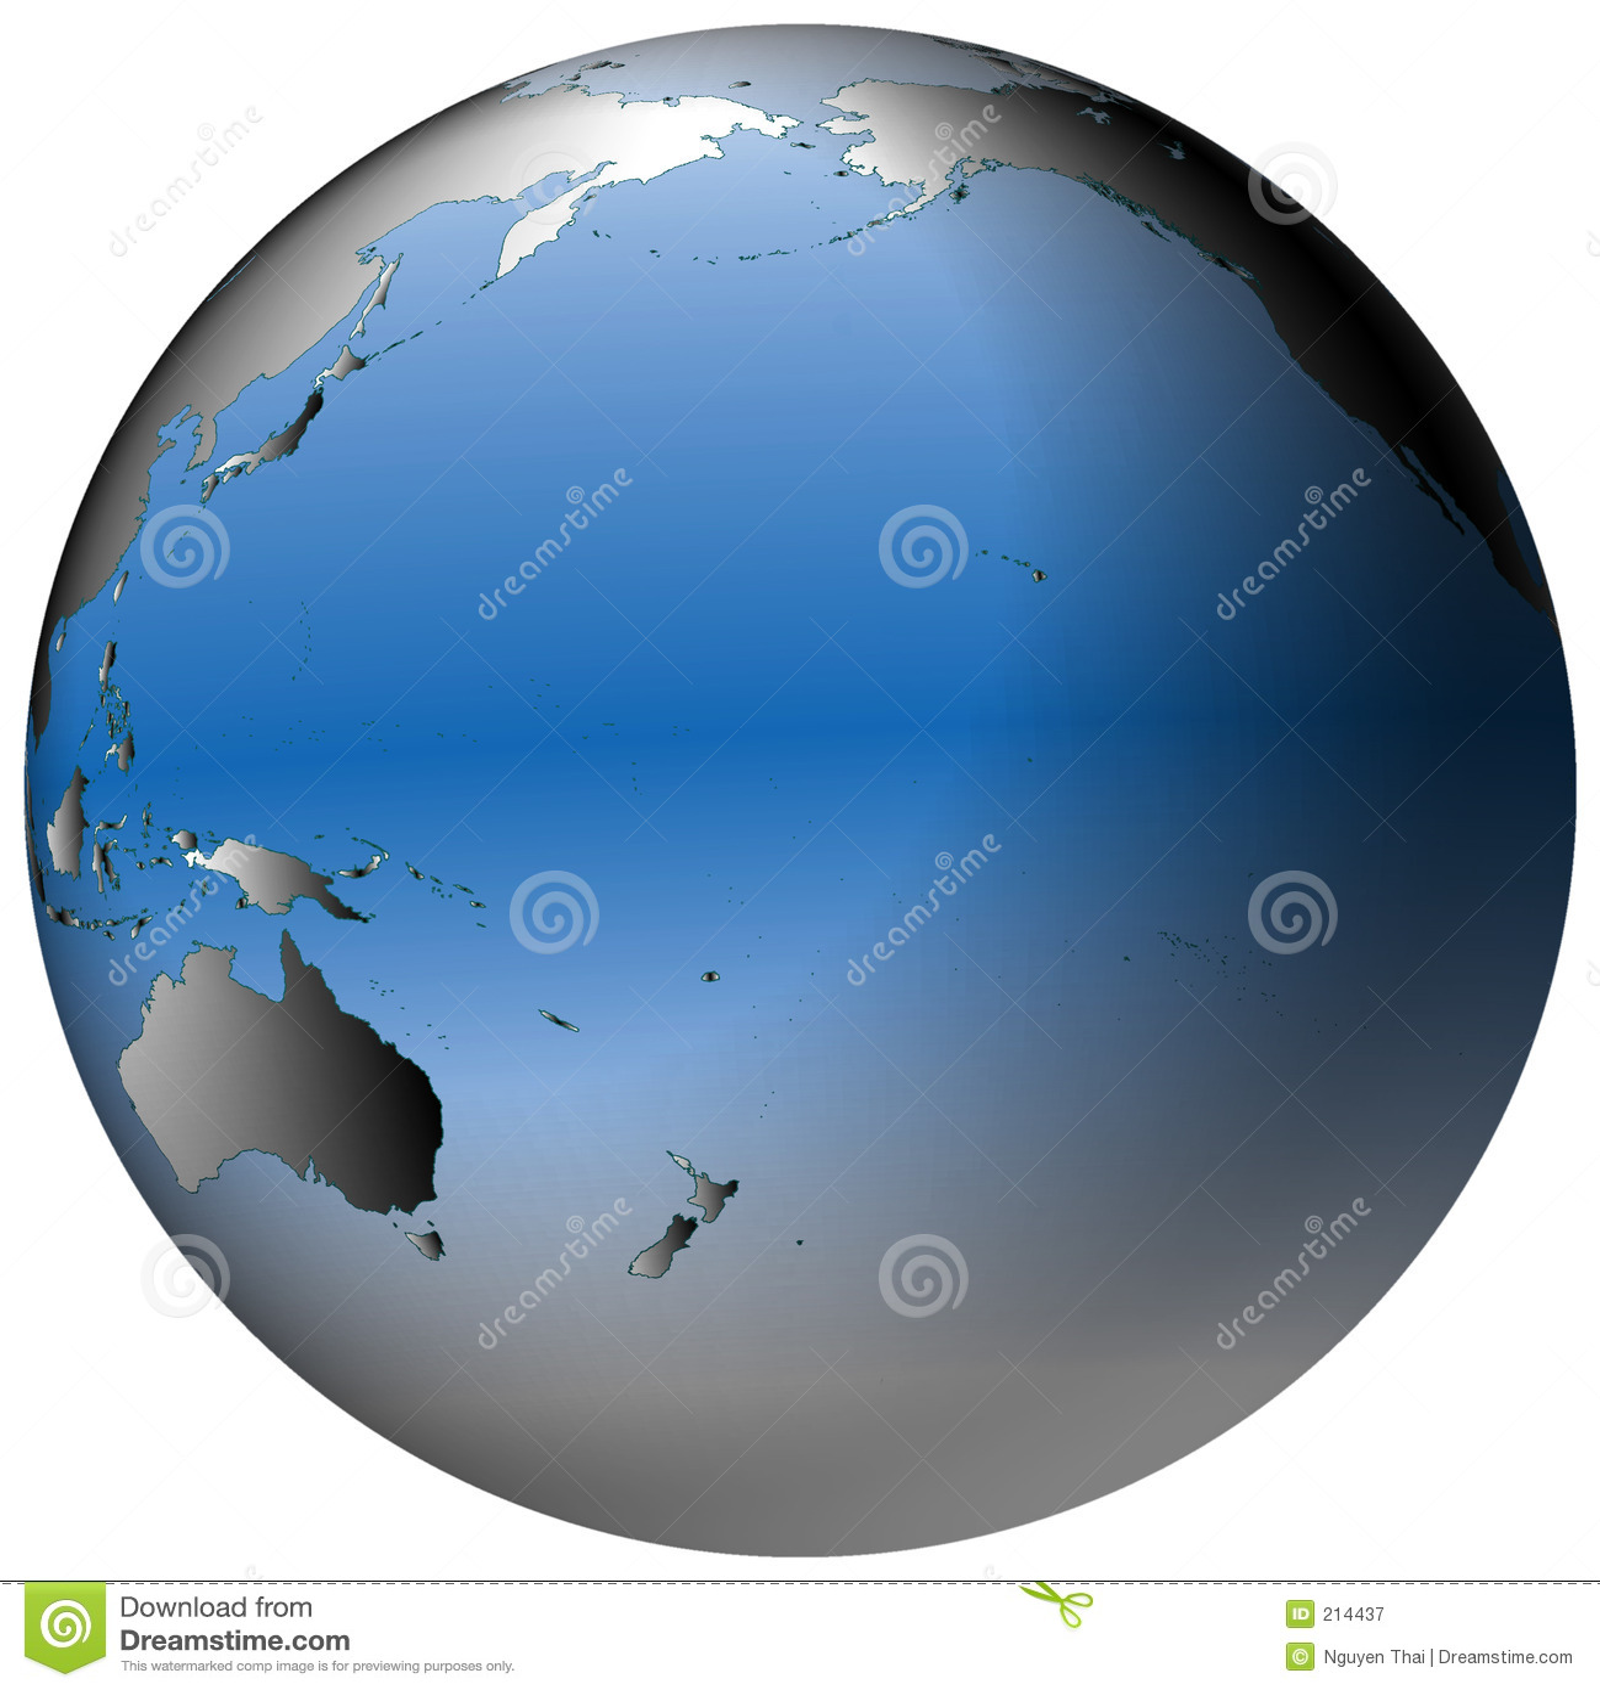 Globo do mundo: O Pacífico, com oceanos azul-protegidos